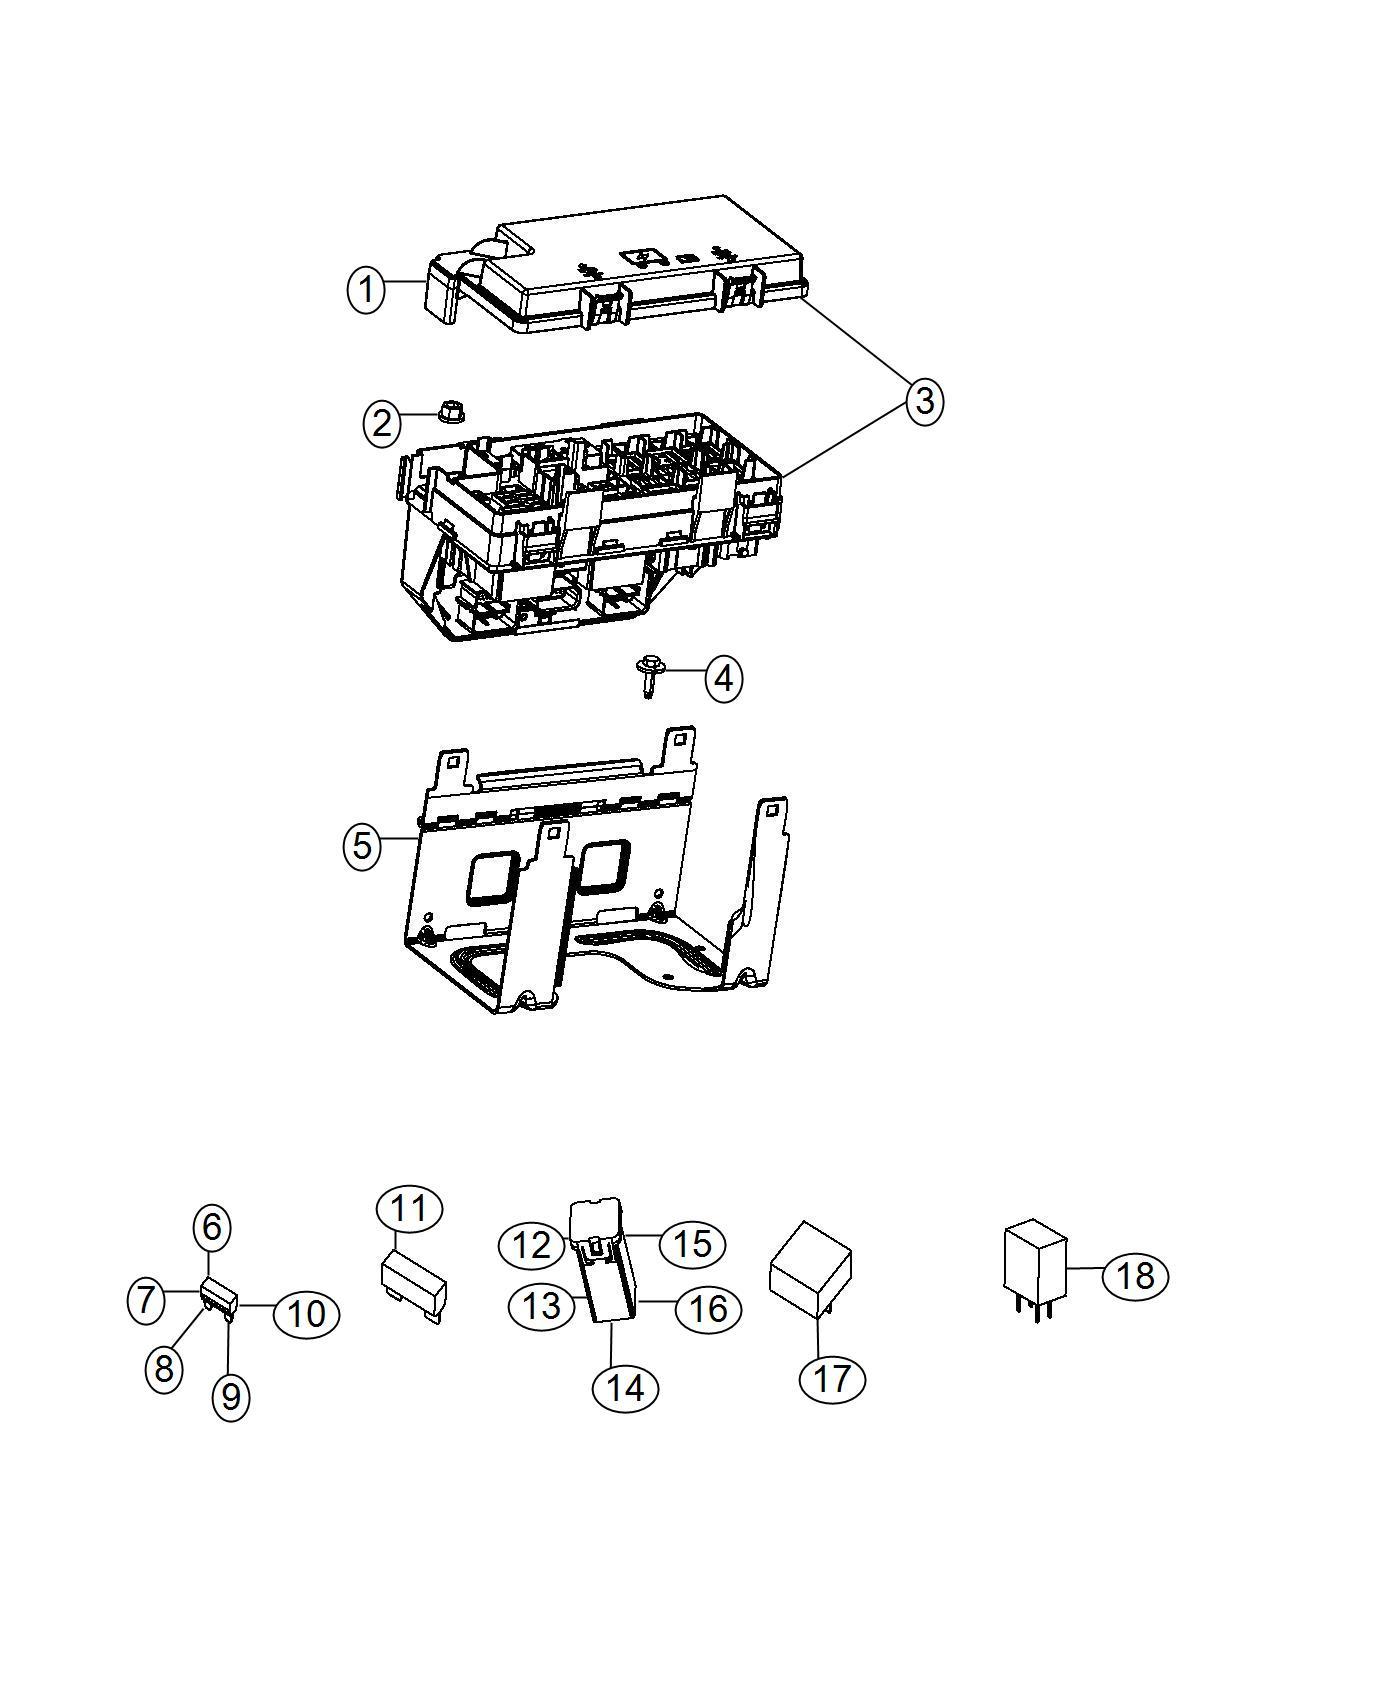 Jeep Wrangler Holder Fuse Includes 10 Amp Mini Fuse